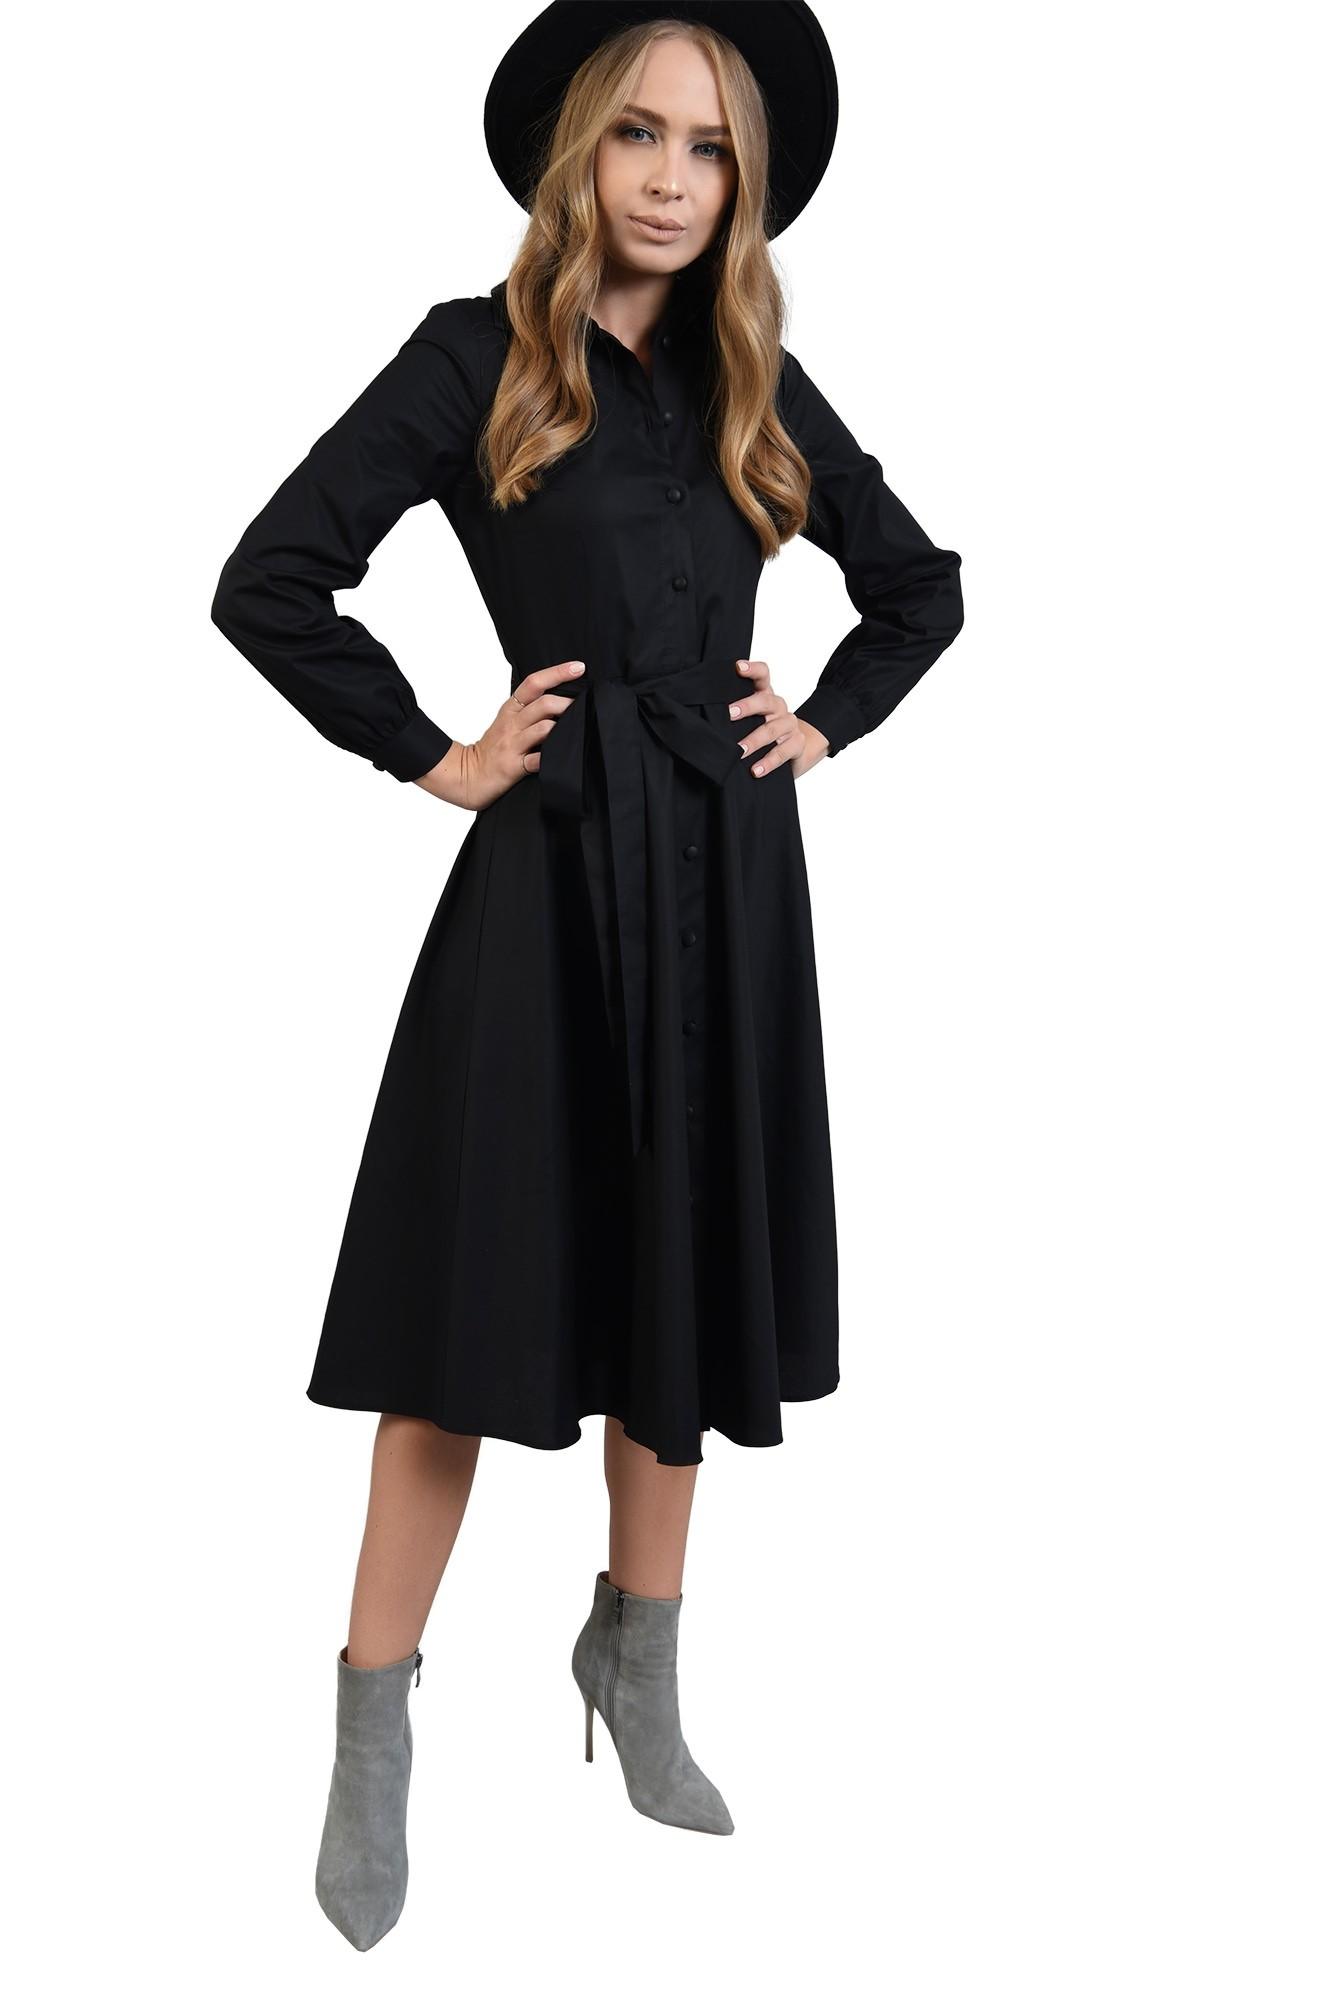 3 - rochie neagra midi, evazata, cu maneca lunga